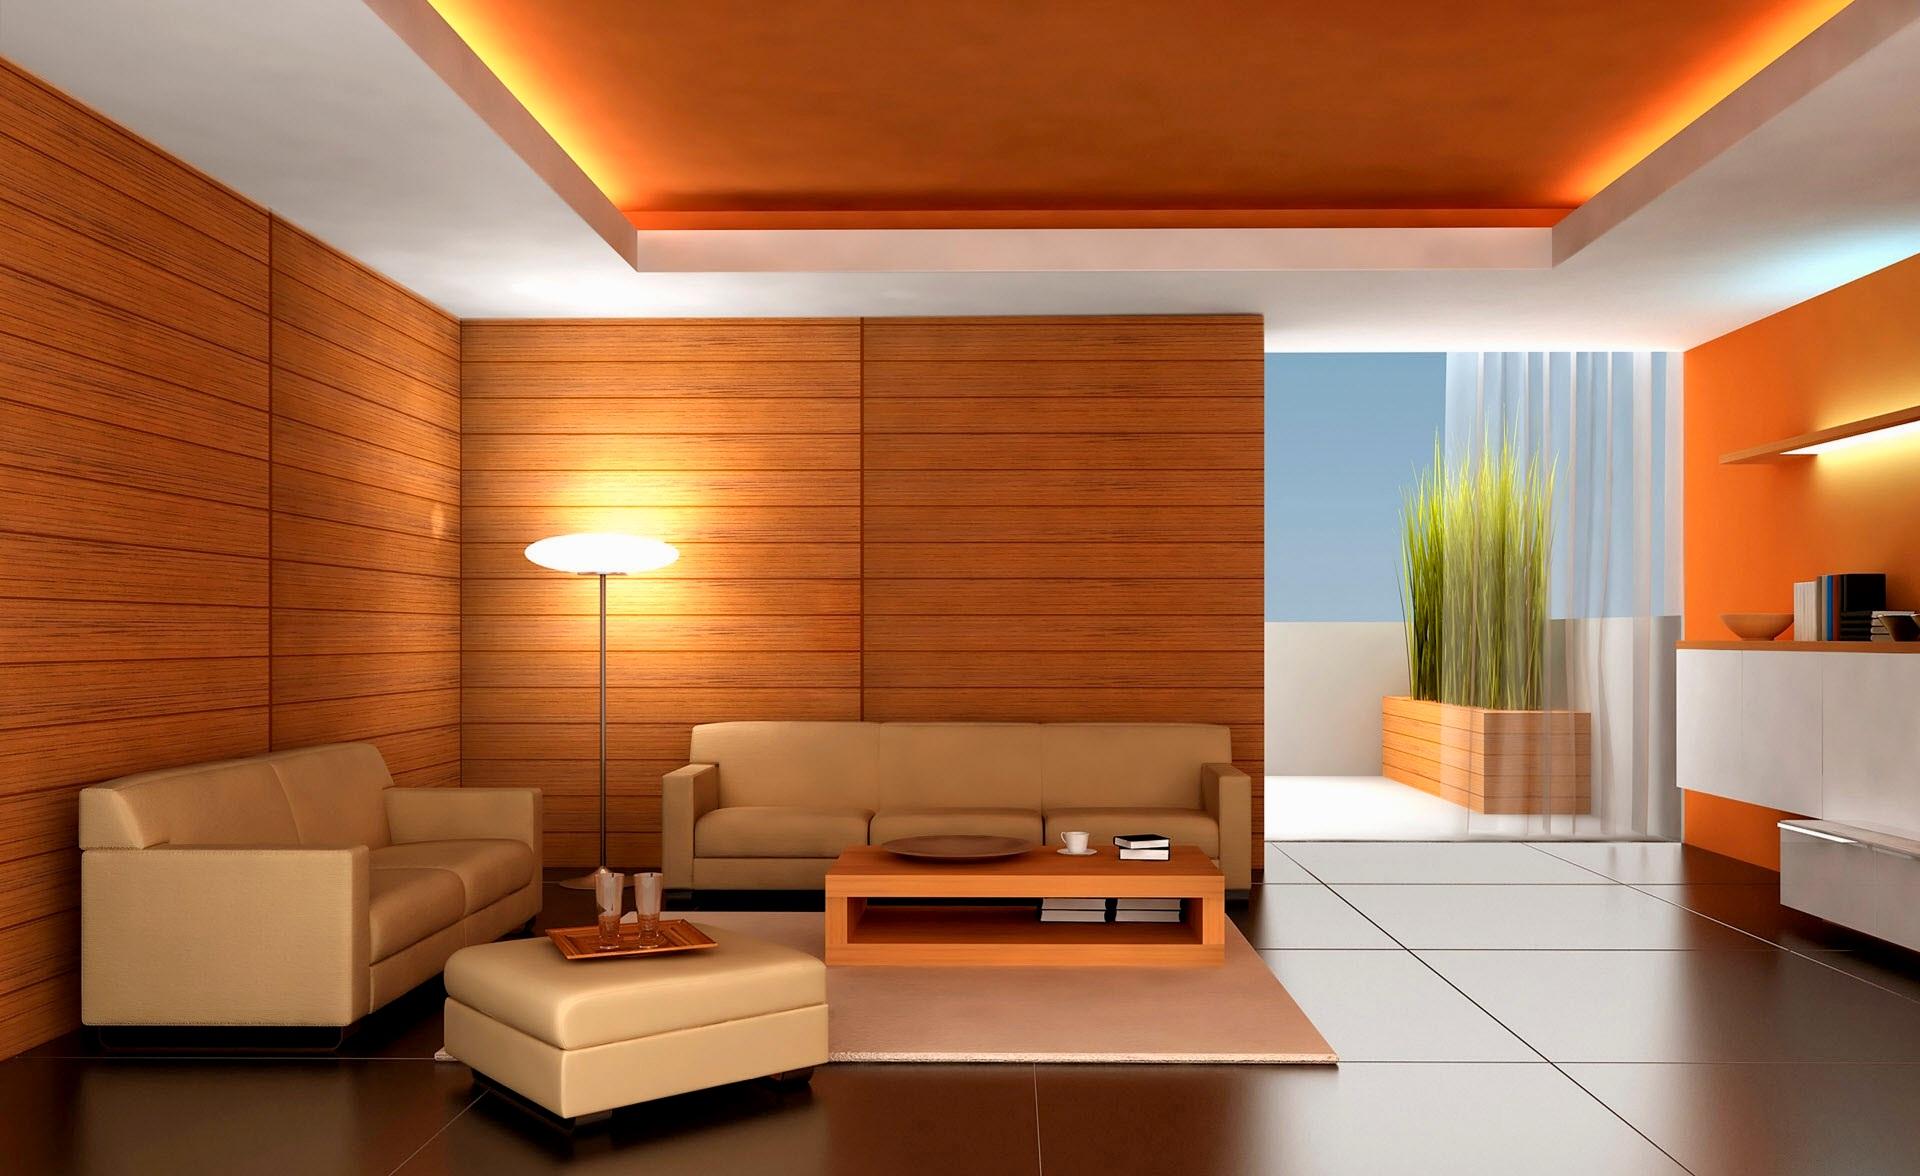 Thiết-kế-nội-thất-nhà-ống-2-tầng-đơn-giản-bắt-mắt-mê-đắm-mọi-ánh-nhìn